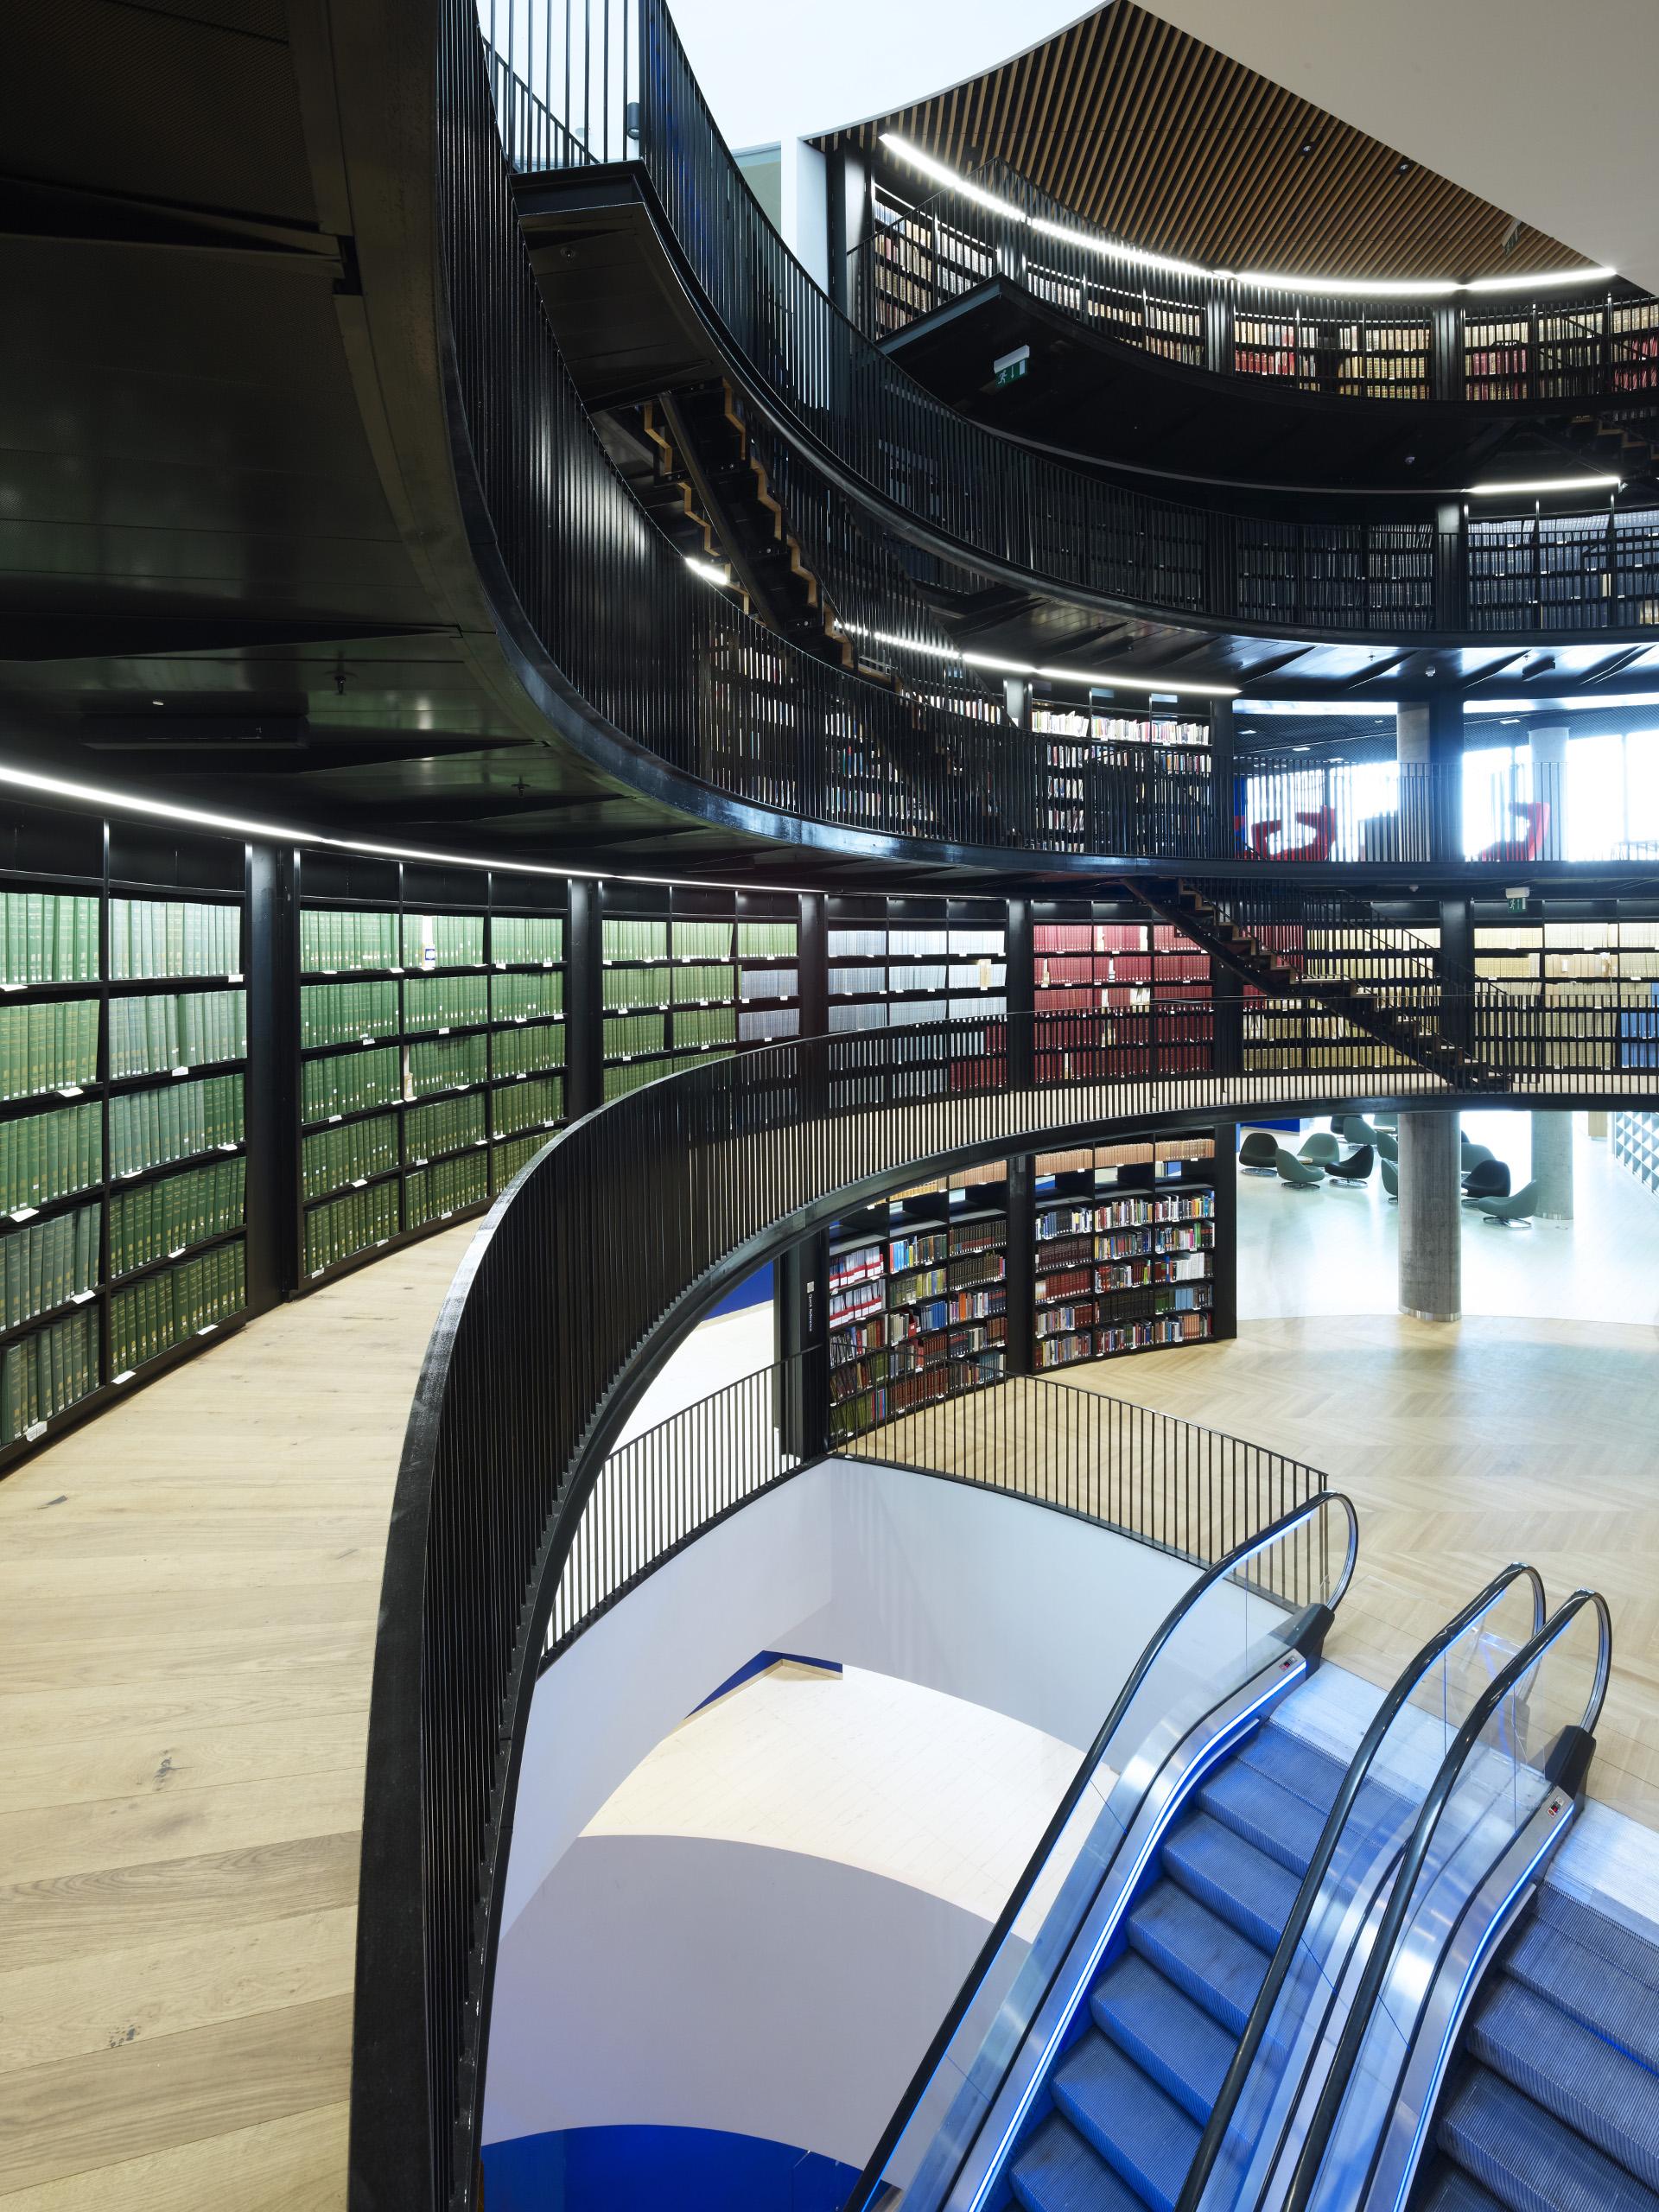 La facciata di cerchi d'acciaio della biblioteca di Birmingham dei Mecanoo